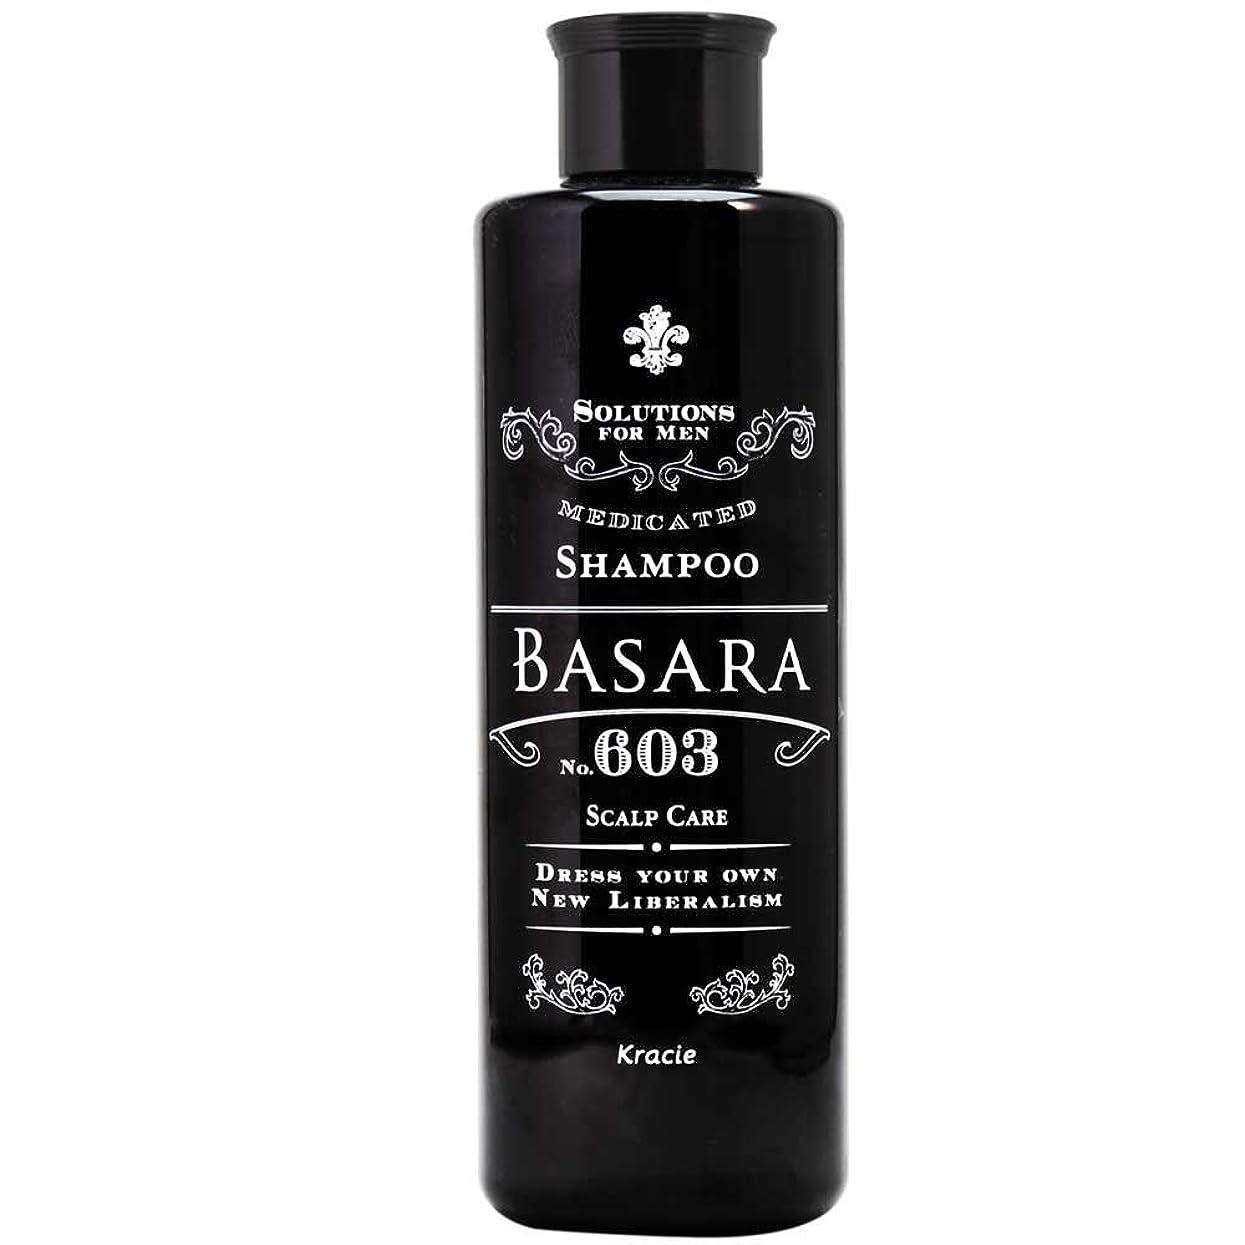 伝染病予見する無声でクラシエ バサラ 603 薬用スカルプシャンプー 250ml